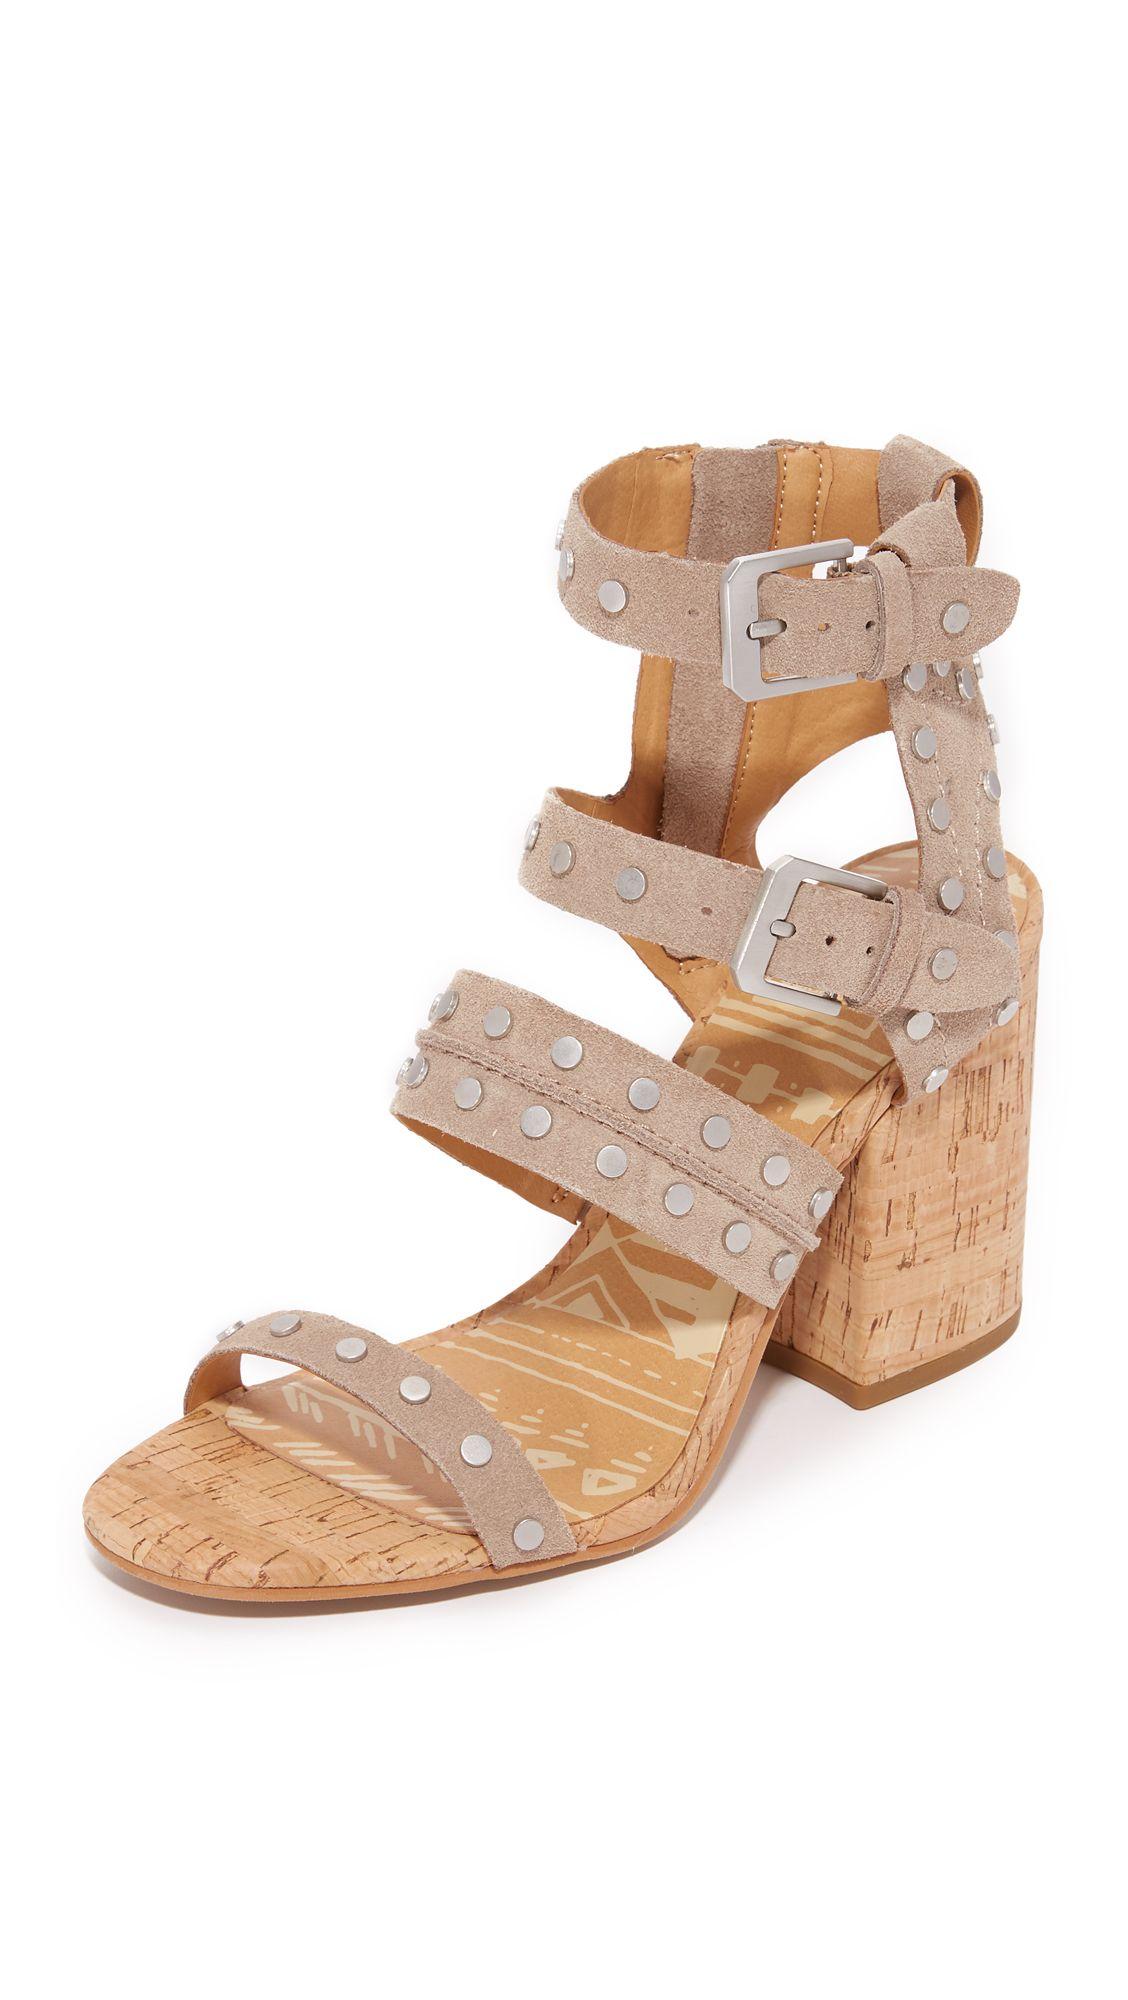 3f4b49419c8 Shop Dolce Vita Effie Sandals at Modalist Pumps Heels